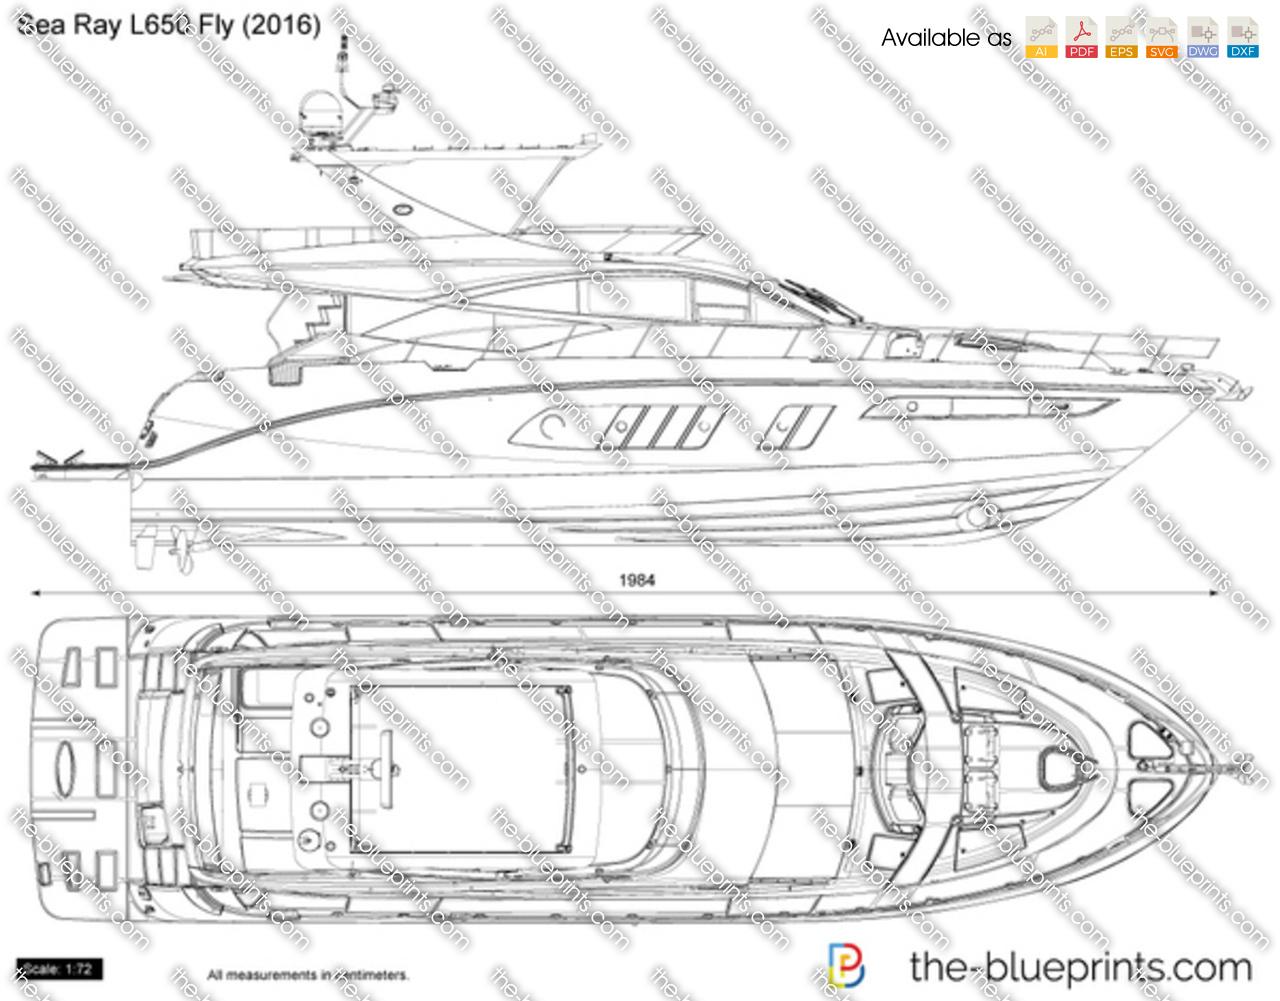 Sea Ray L650 Fly